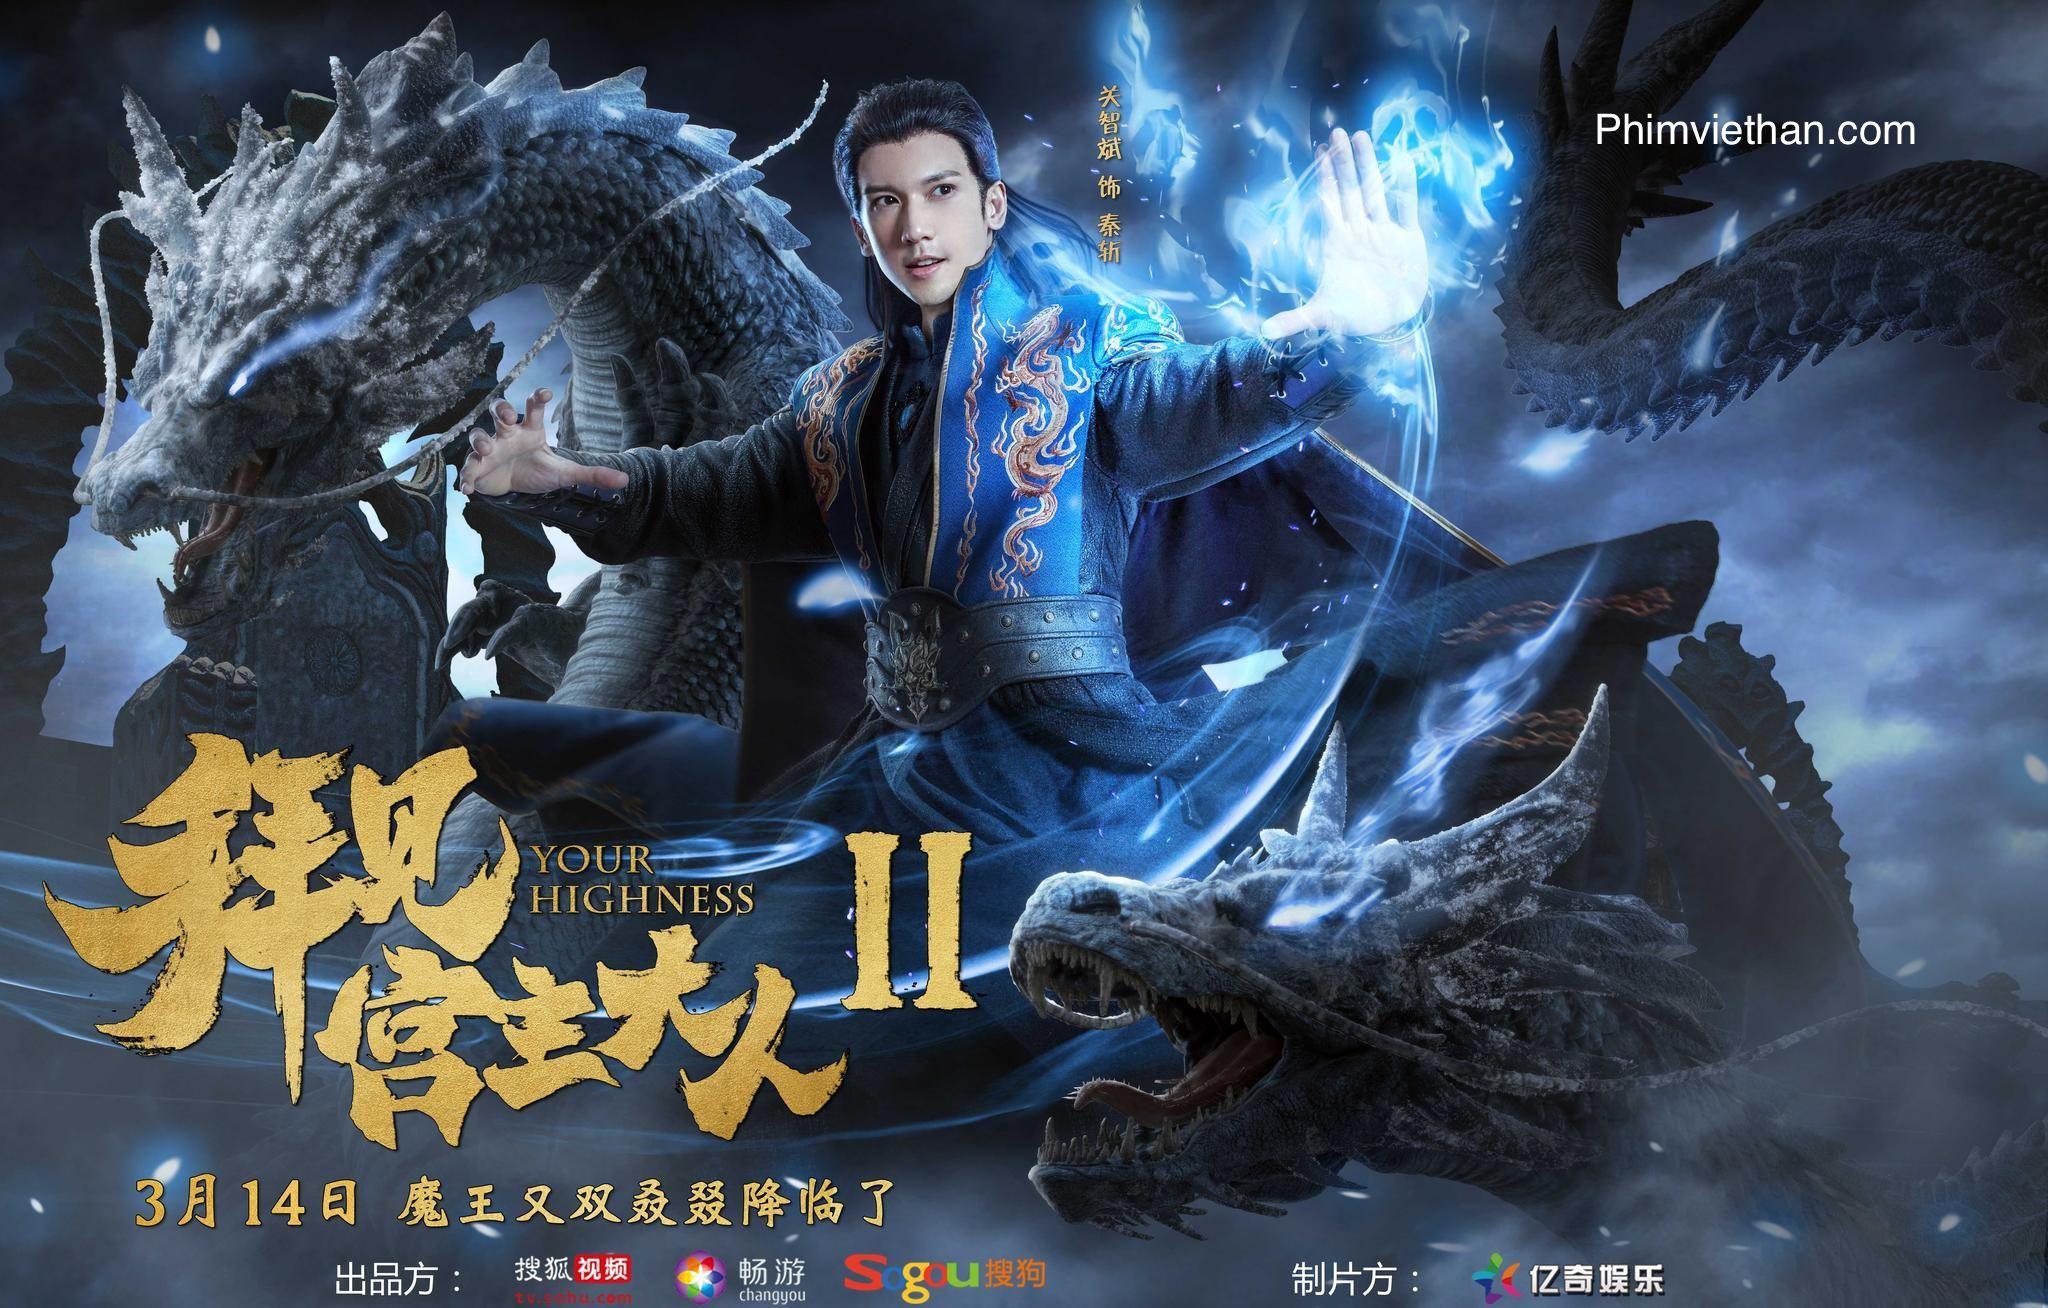 Phim bái kiến cung chủ nhân phần 2 Trung Quốc